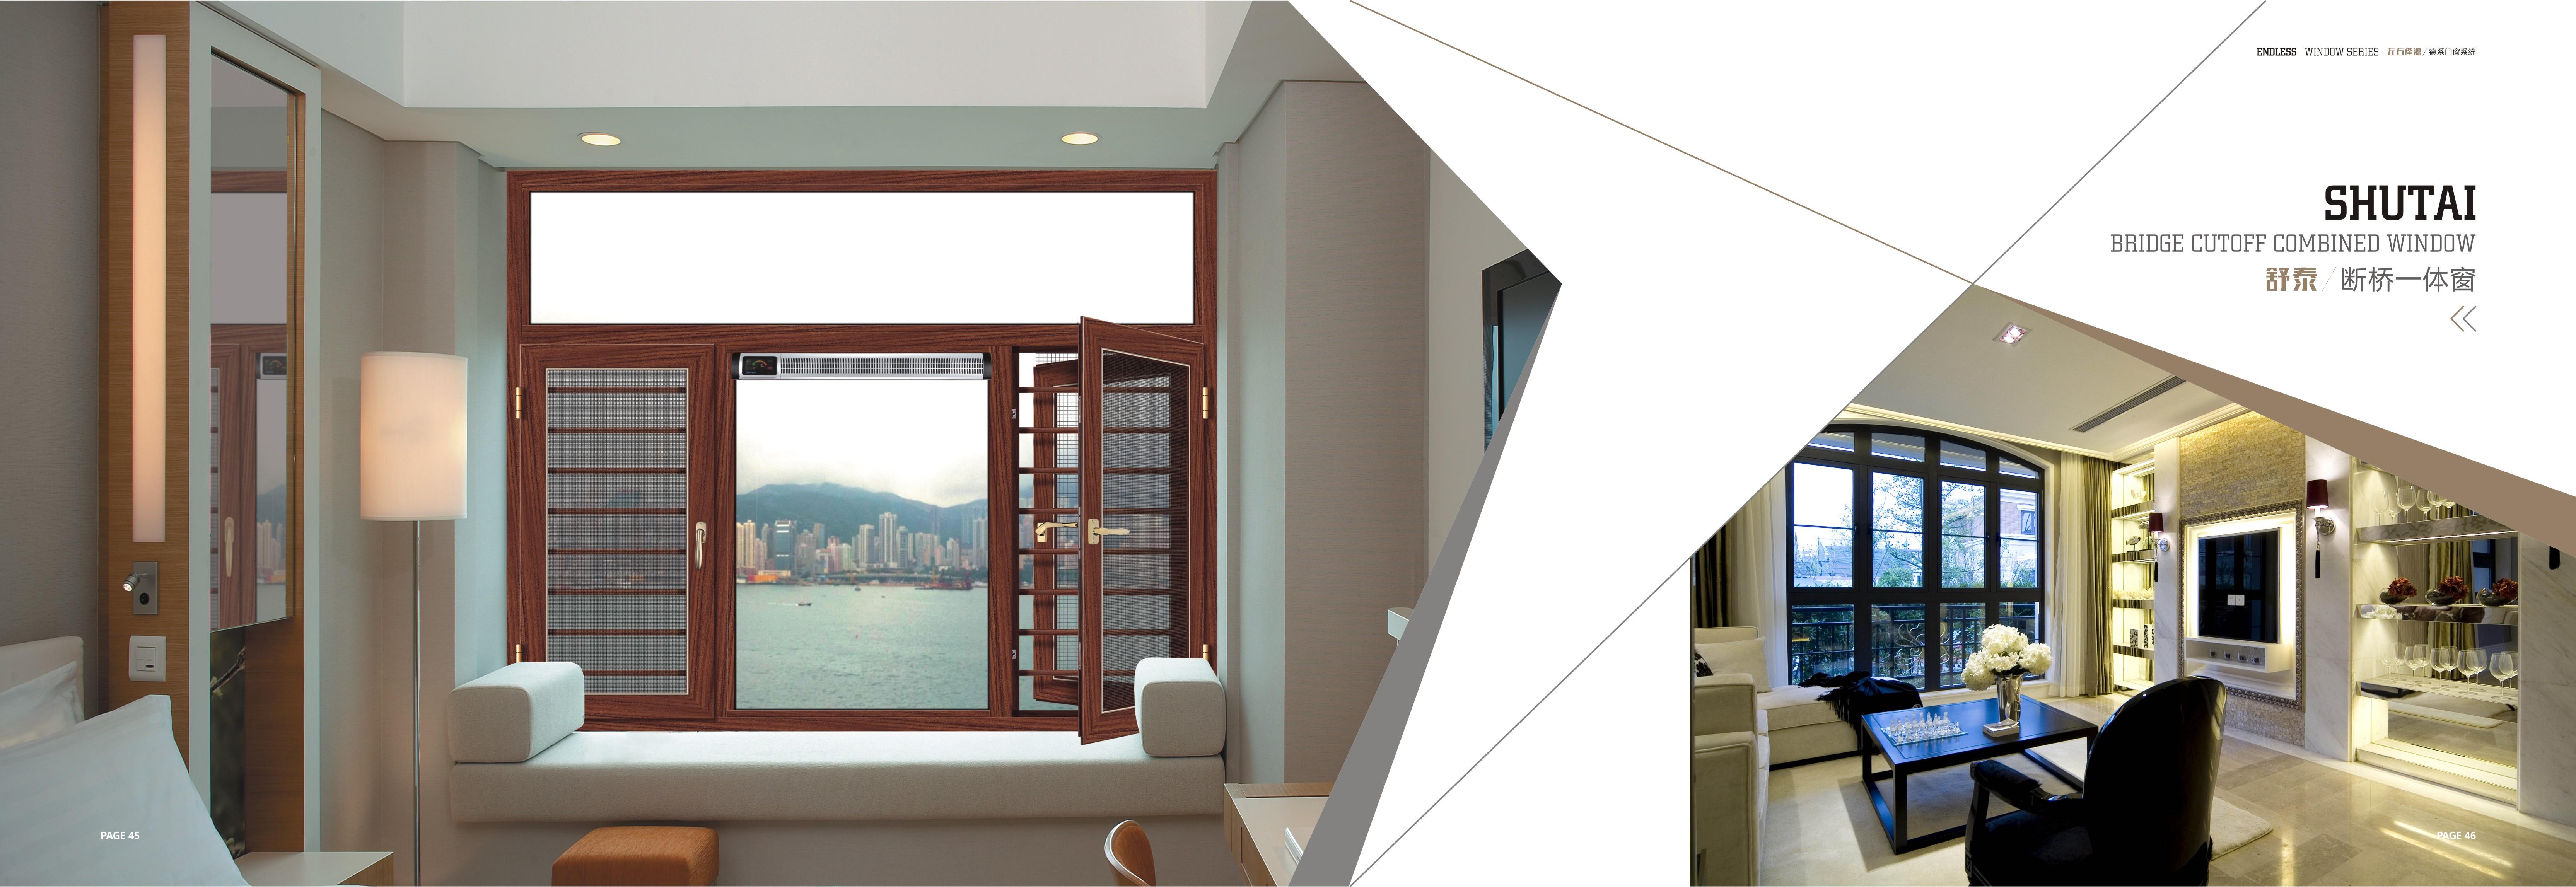 126系列断桥窗纱一体平开窗 126系列断桥窗纱一体平开窗